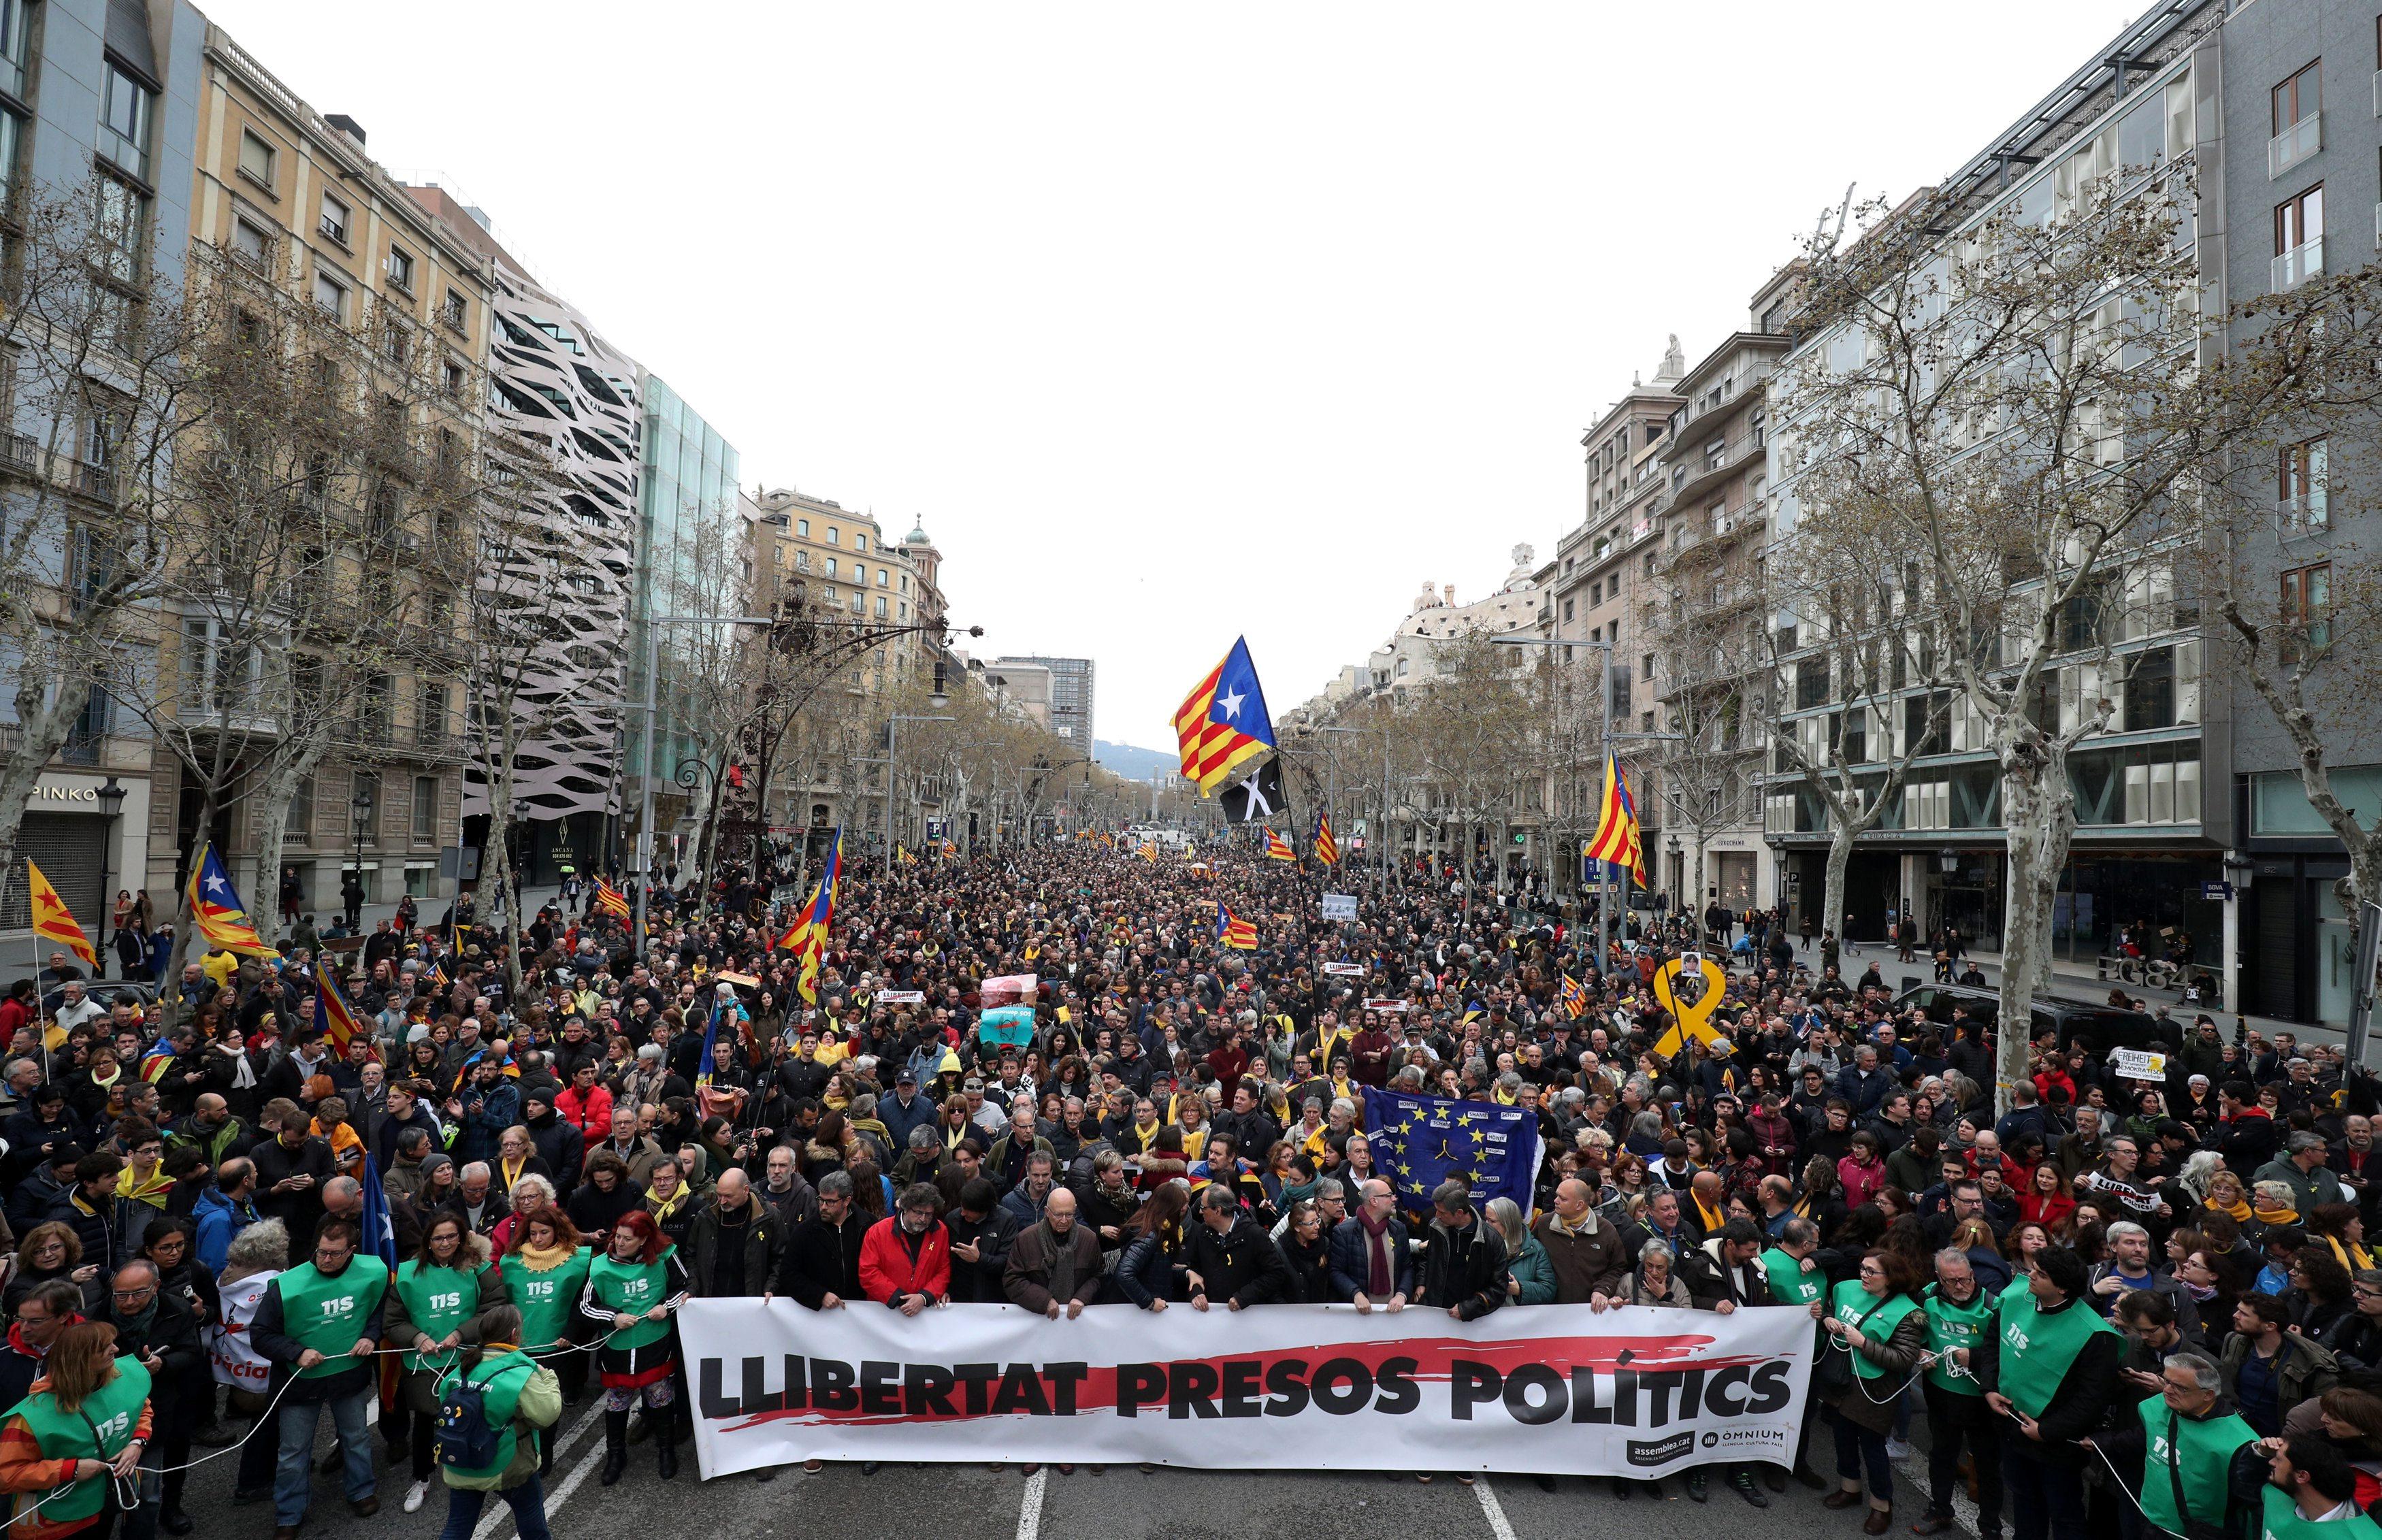 2018-03-25T153433Z_1299621513_RC14E9500FD0_RTRMADP_3_SPAIN-POLITICS-CATALONIA-PUIGDEMONT